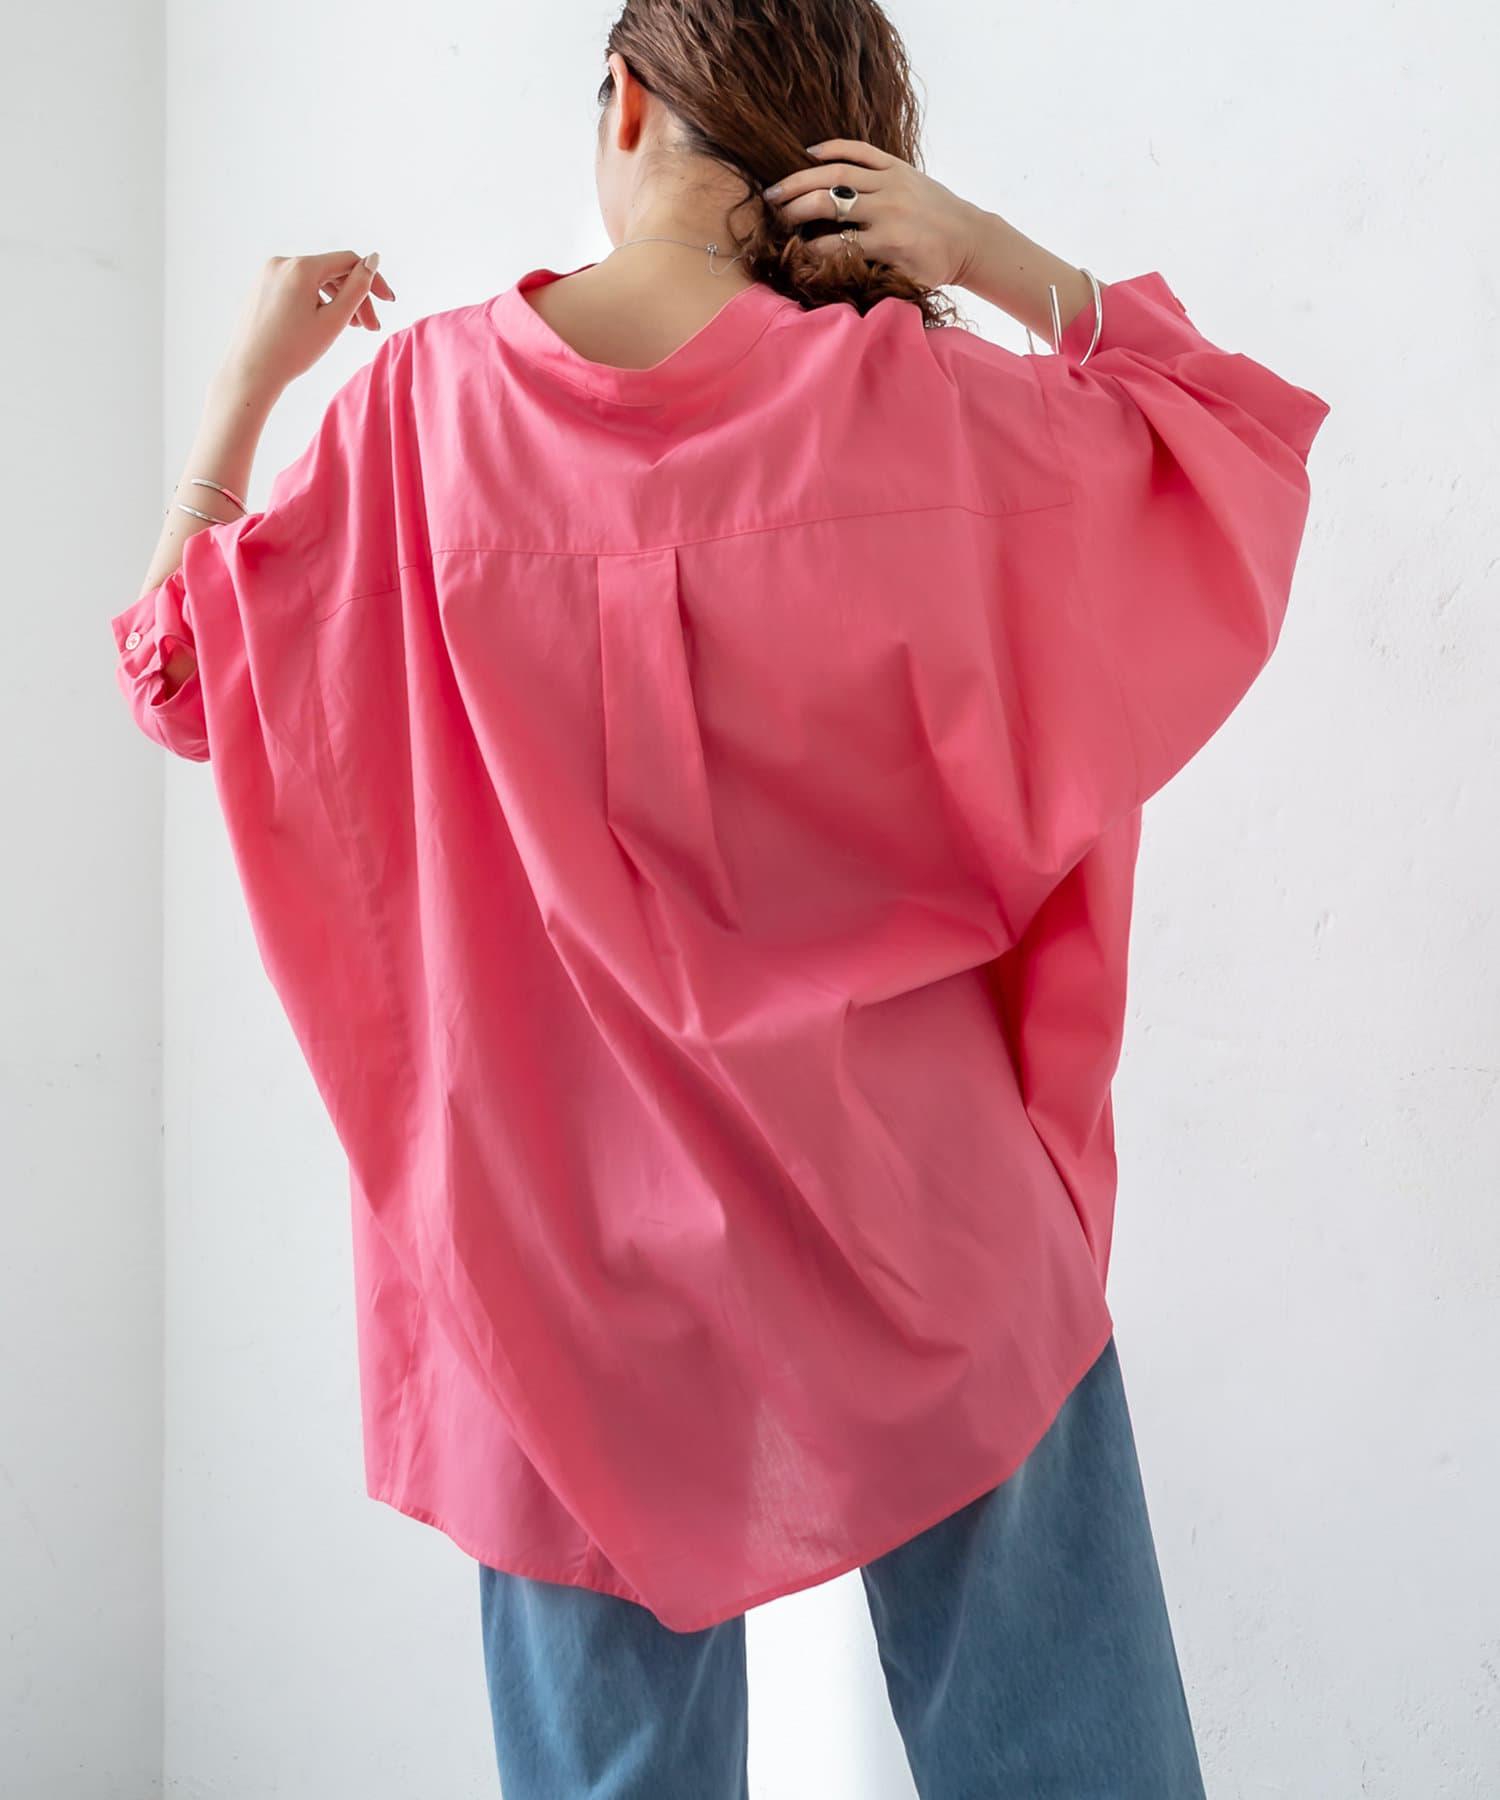 mystic(ミスティック) BACKタックBIGシャツ